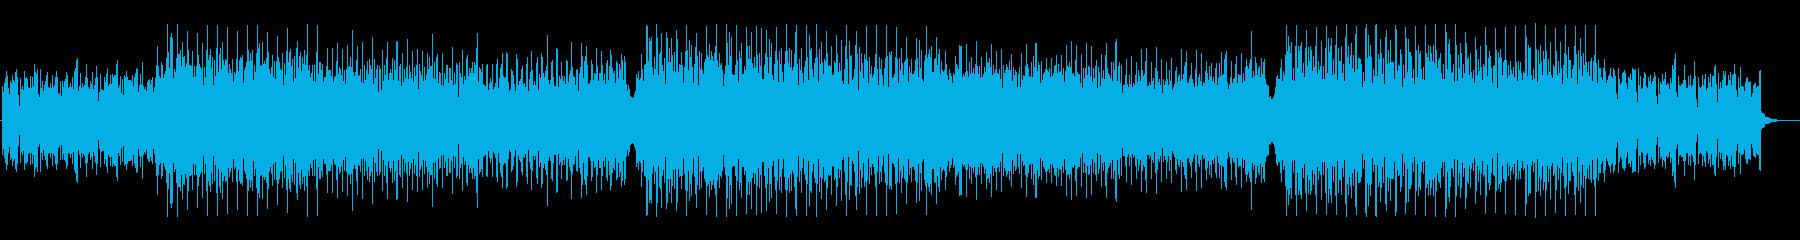 おしゃれで爽やか、軽快なトロピカルハウスの再生済みの波形